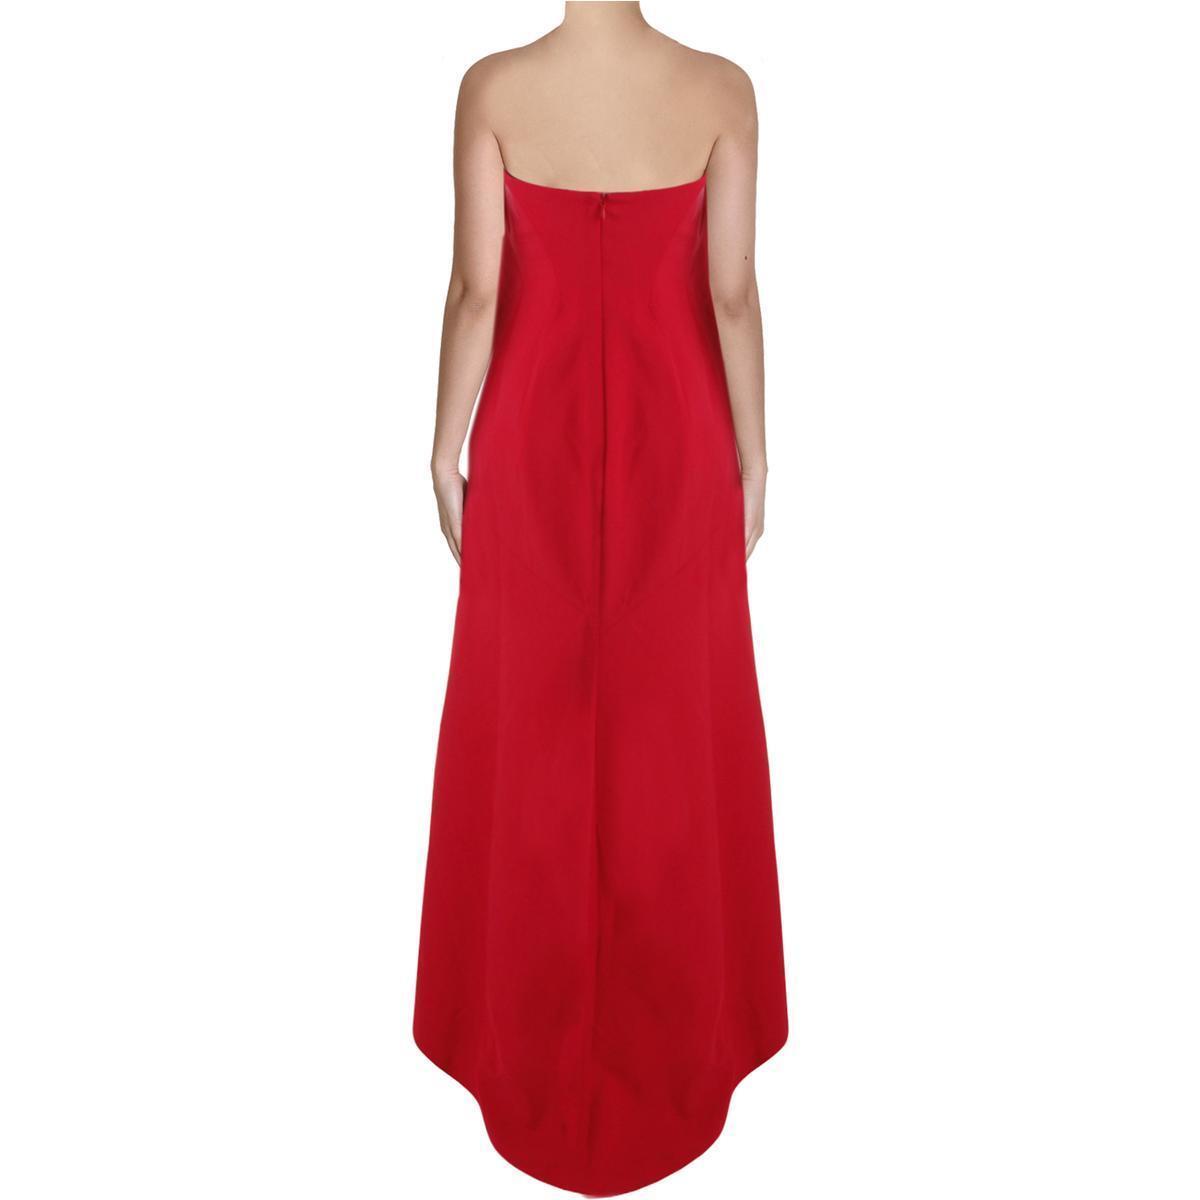 BCBG Max Azria 1313 Womens Surrey Red Strapless Prom Evening Dress ...